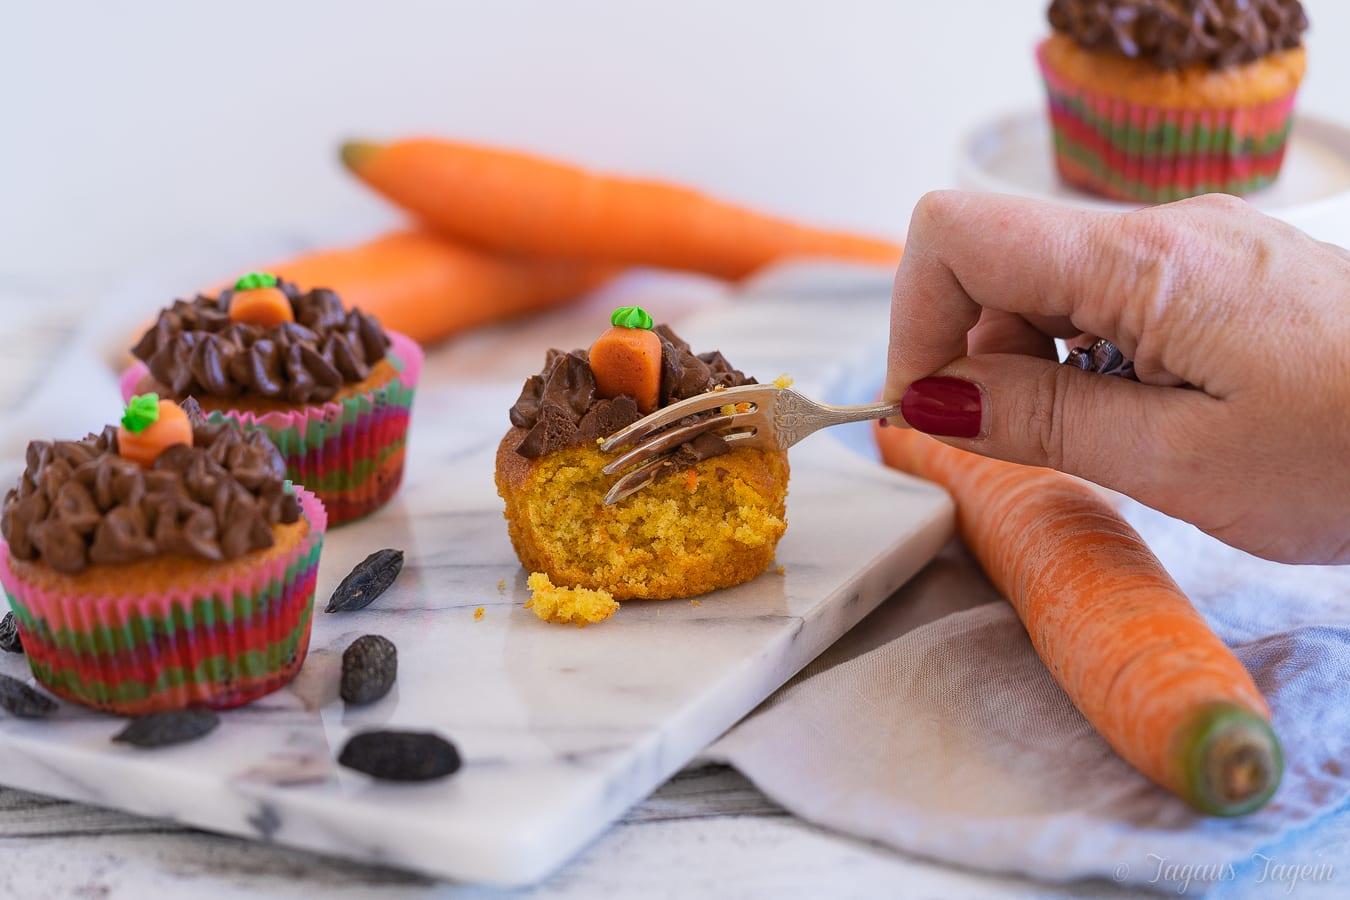 Karotten Cupcakes mit Schoko Frosting – Karotten wachsen schließlich in der Erde…